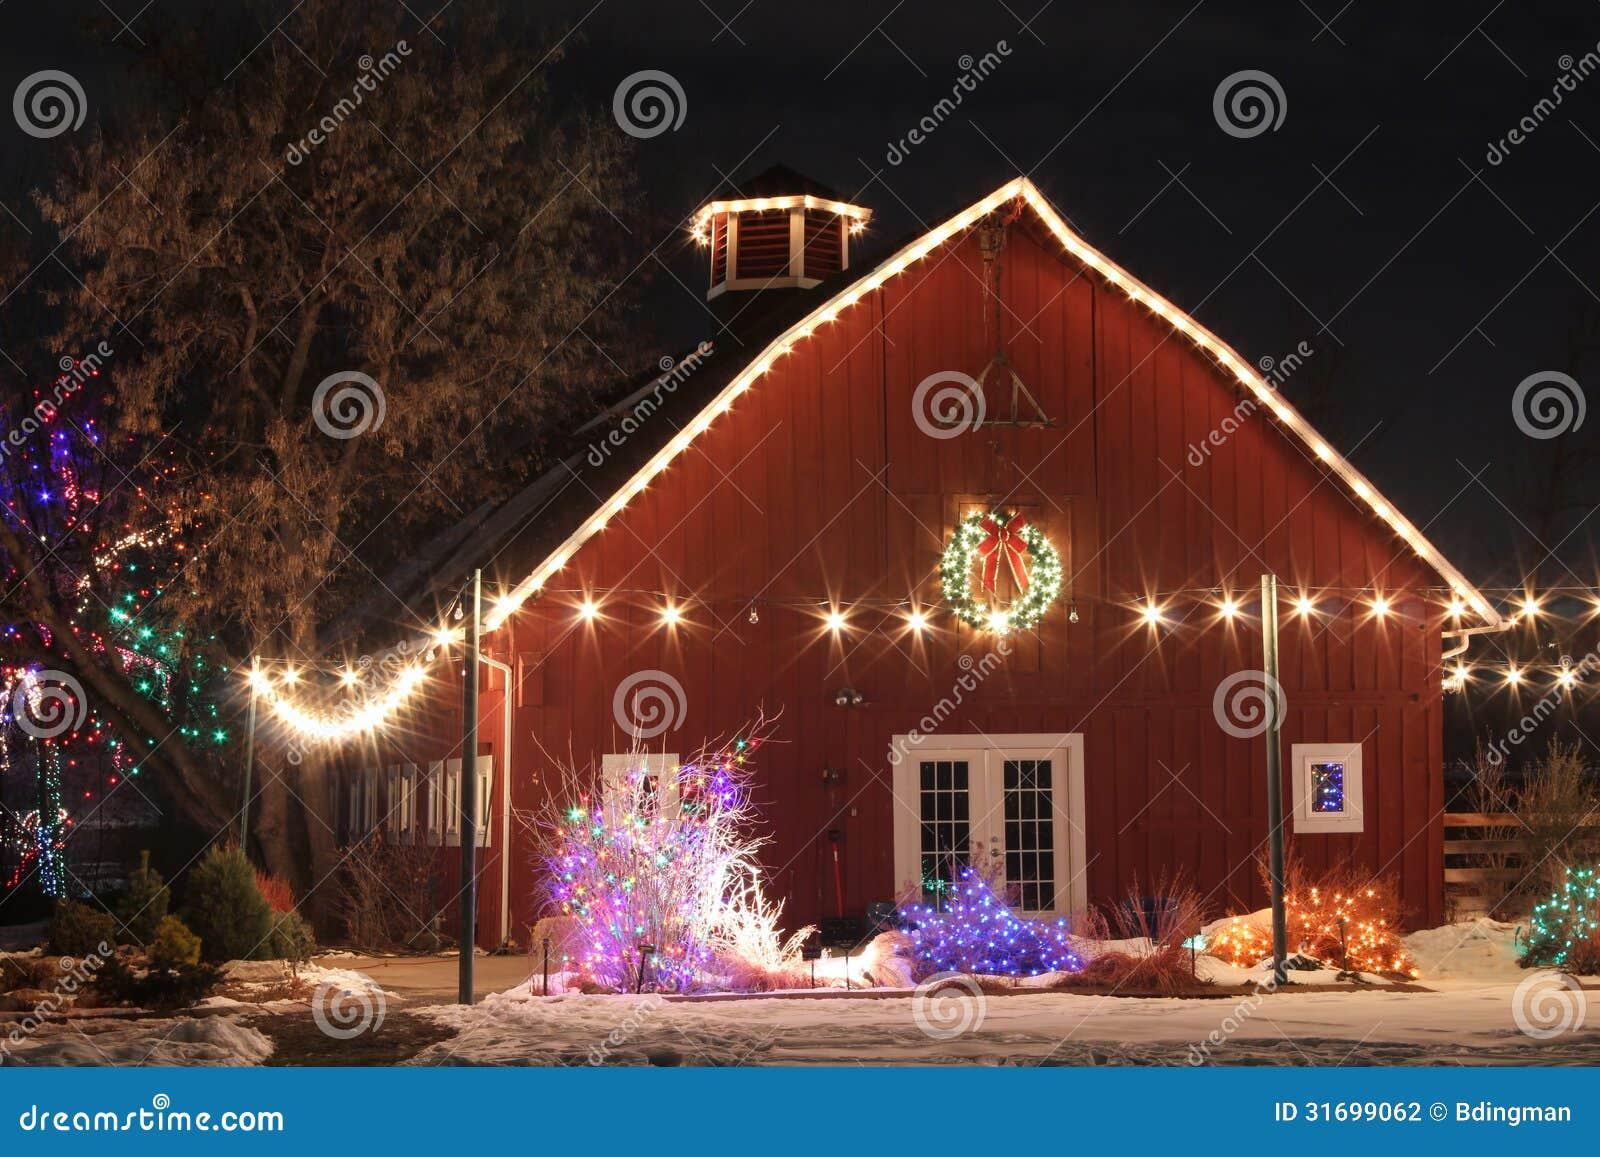 Weihnachten Auf Dem Bauernhof Stockfoto - Bild von gärten, spur ...